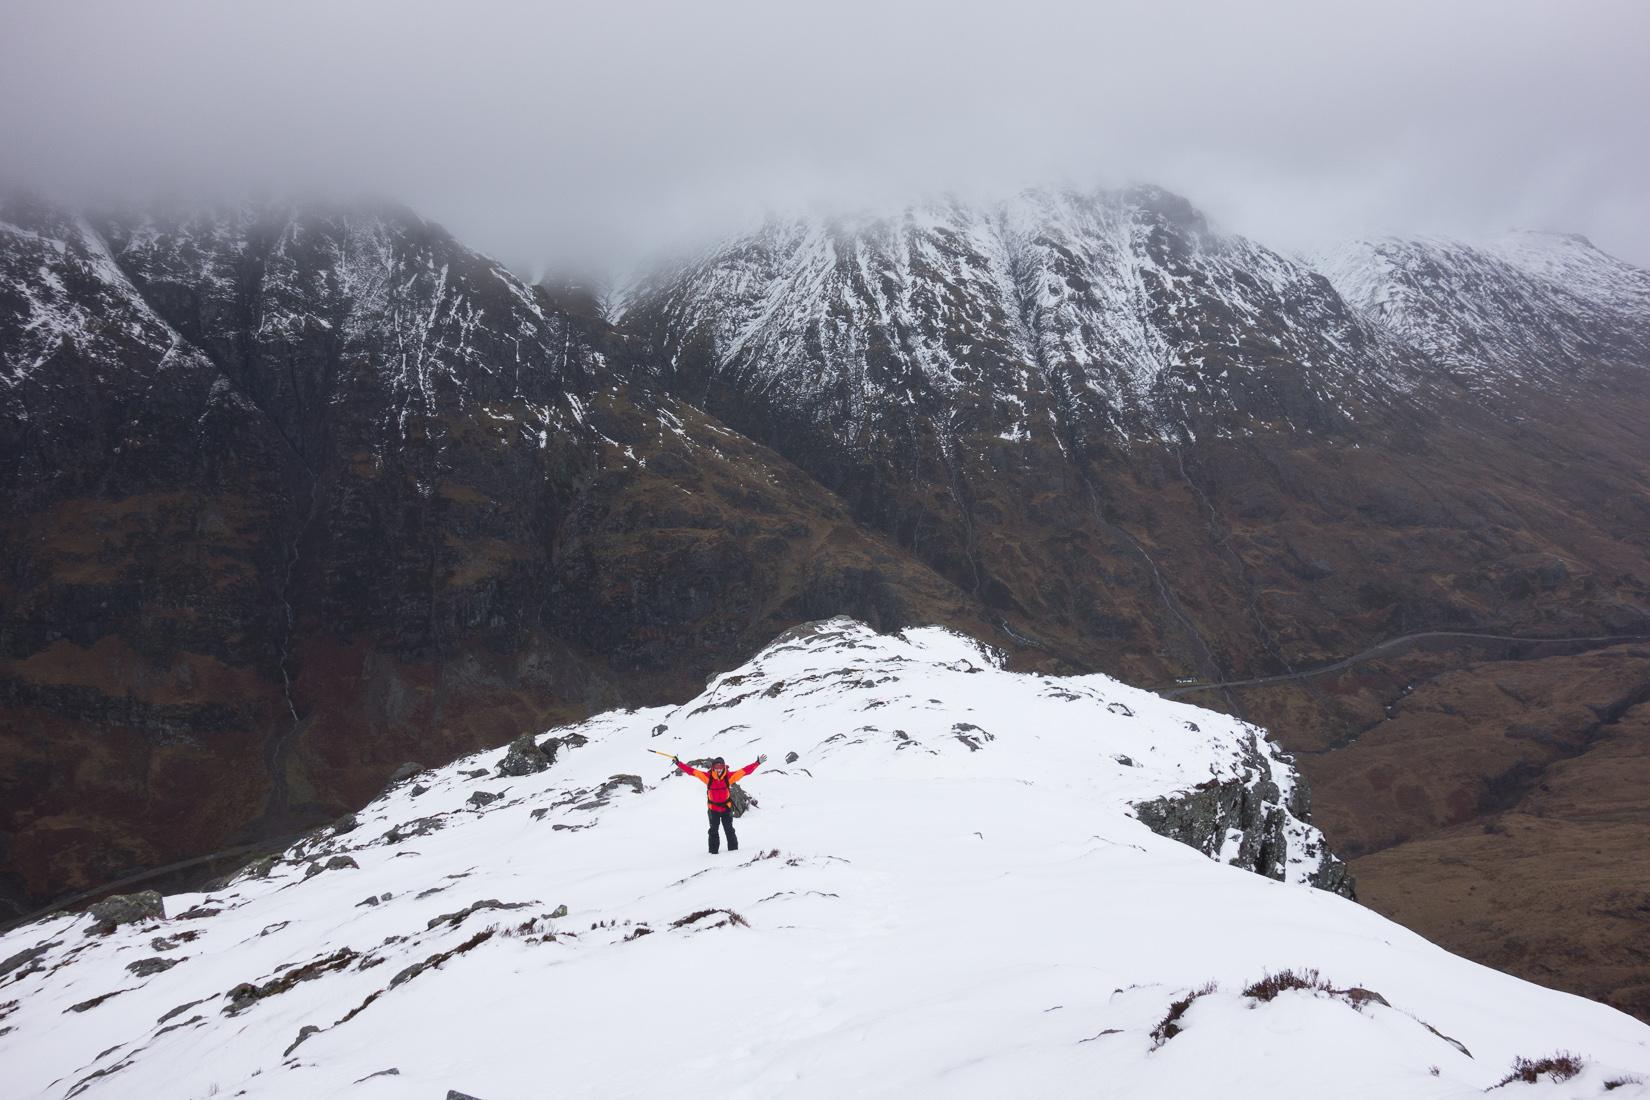 Approaching Gearr Aonach